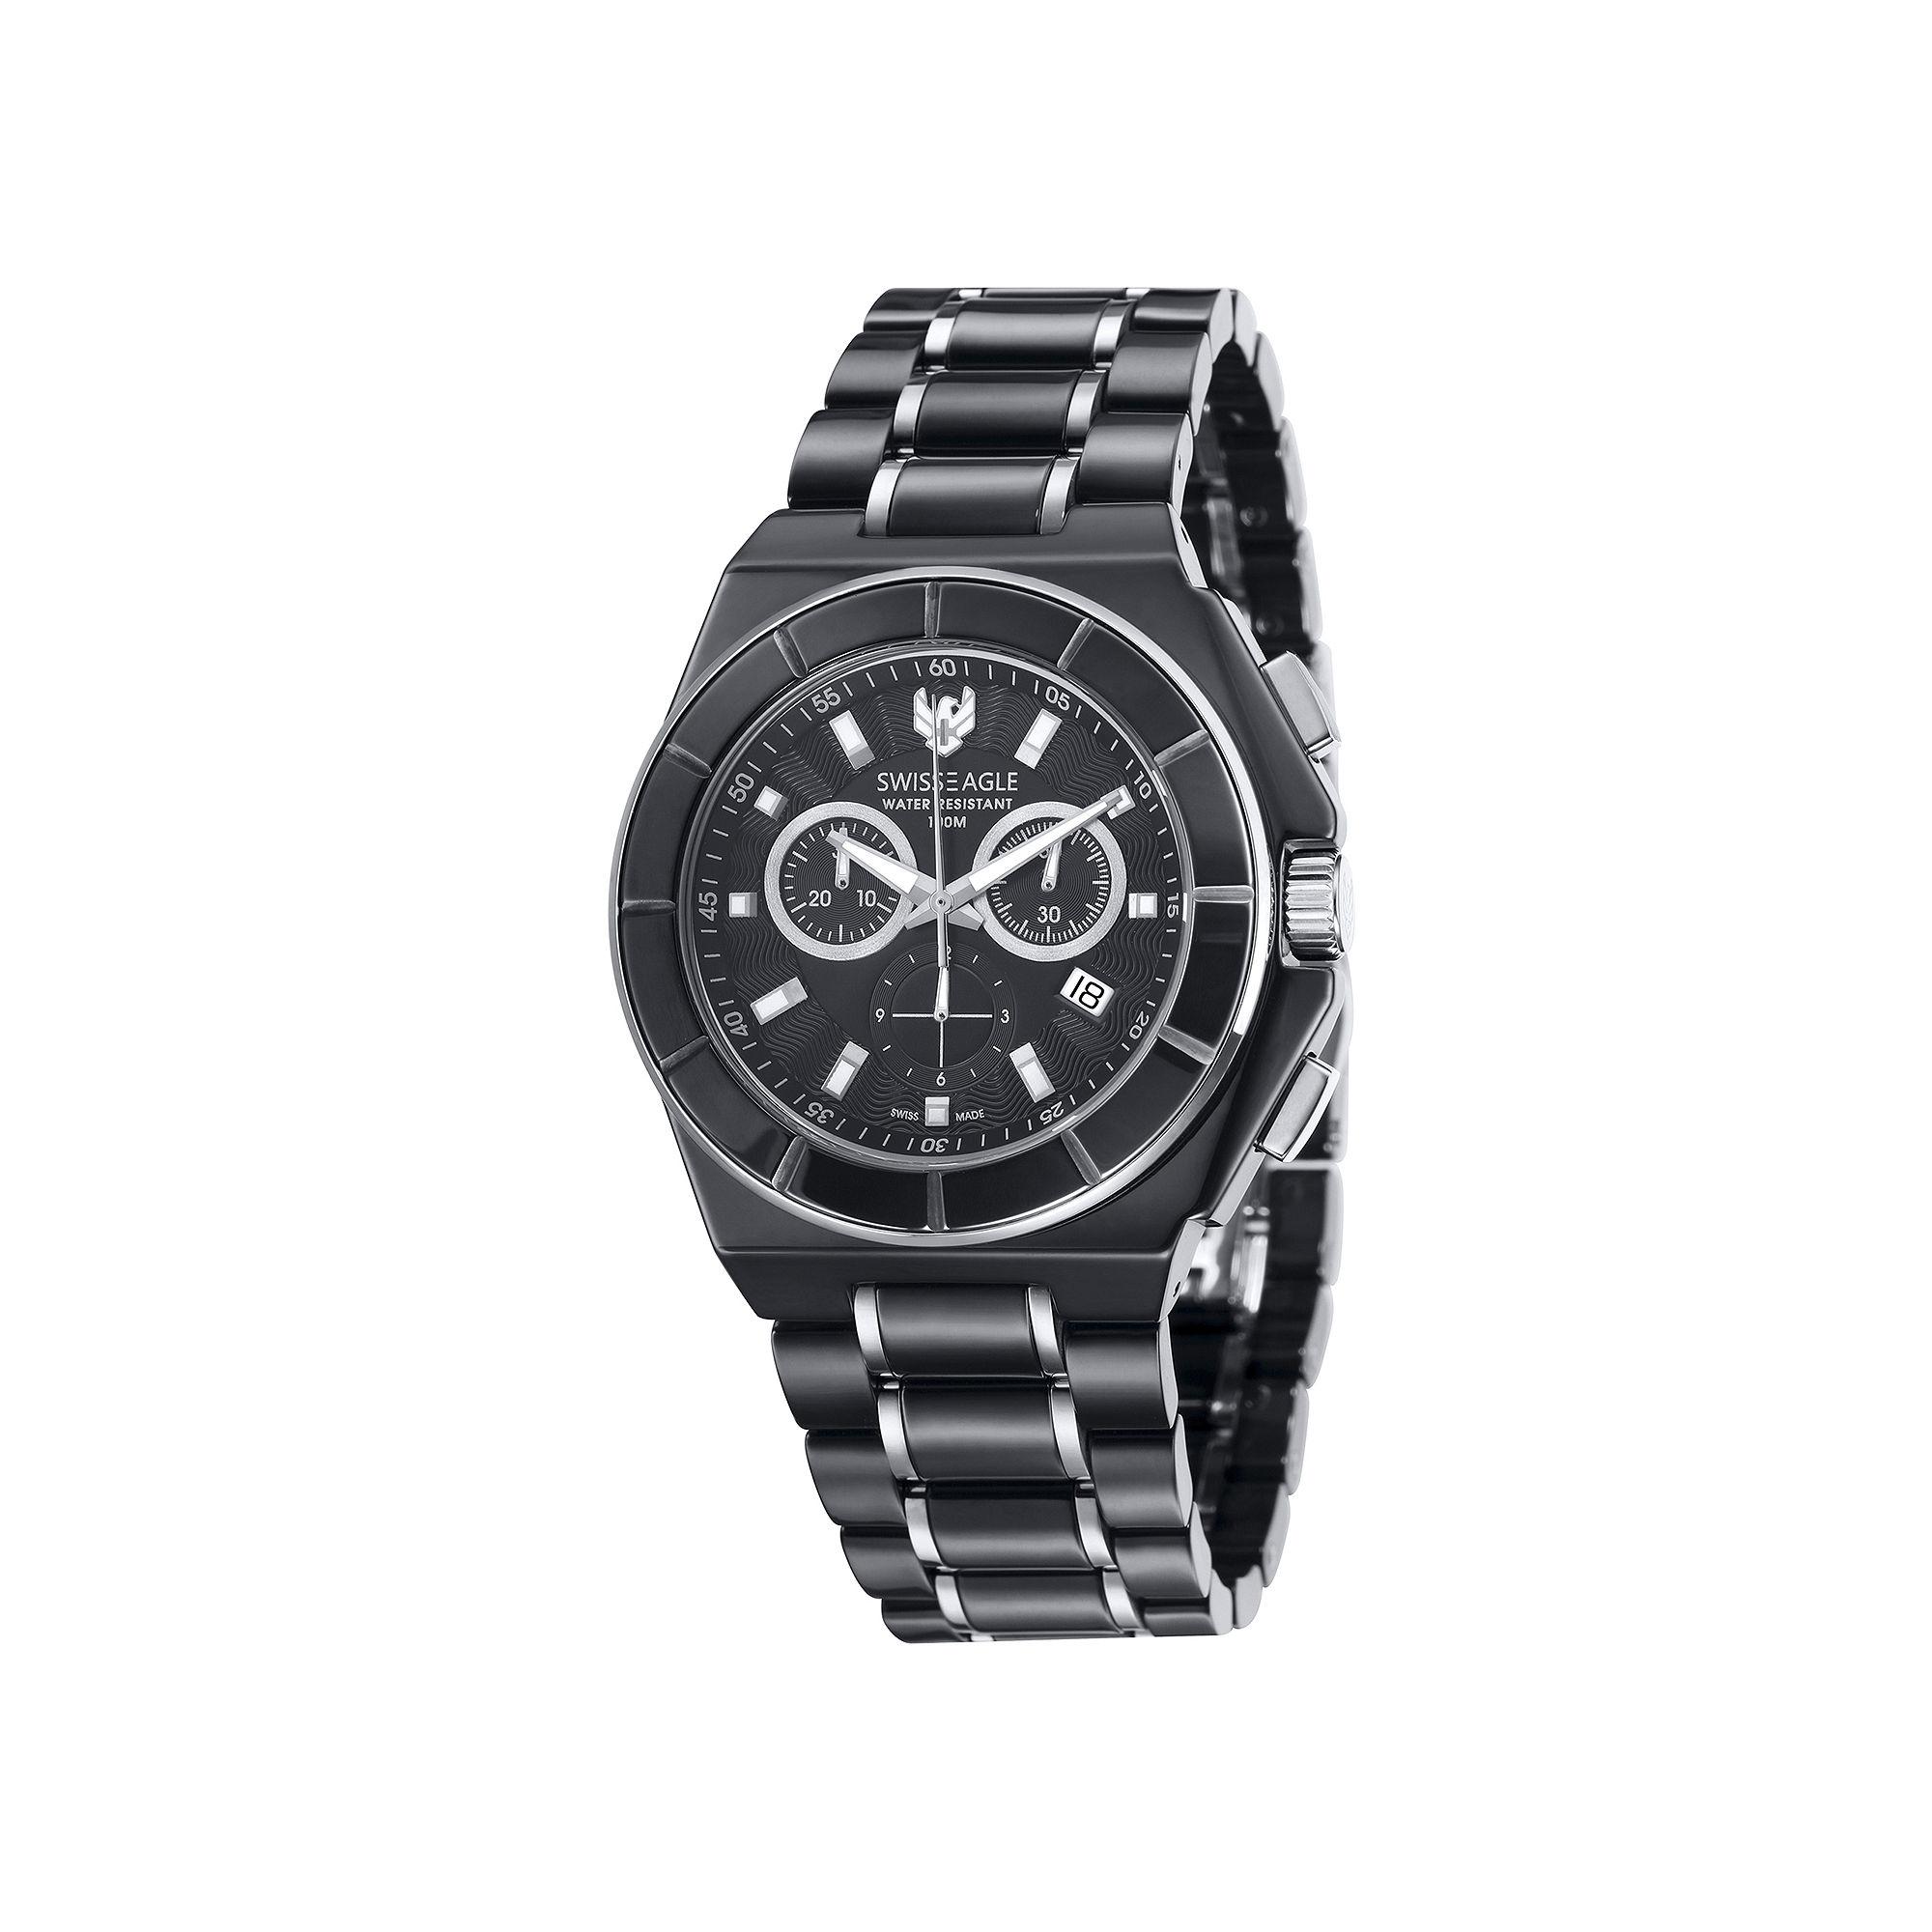 Swiss Eagle Polar King Mens Two-Tone Strap Chronograph Watch SE-9053-33